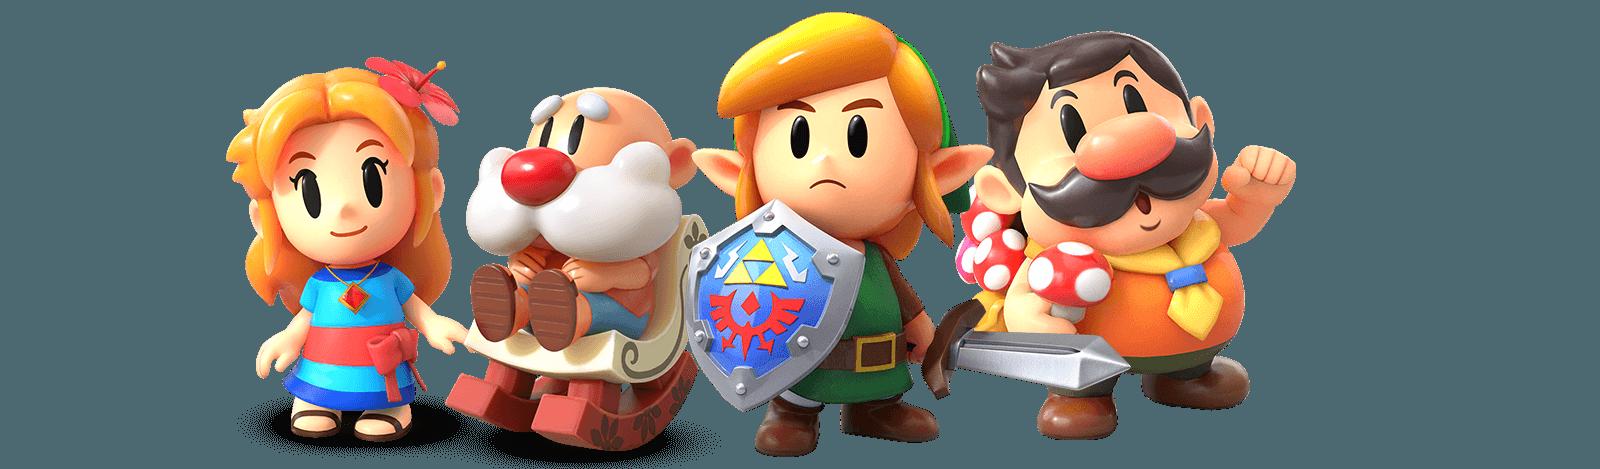 Link's Awakening Karakters